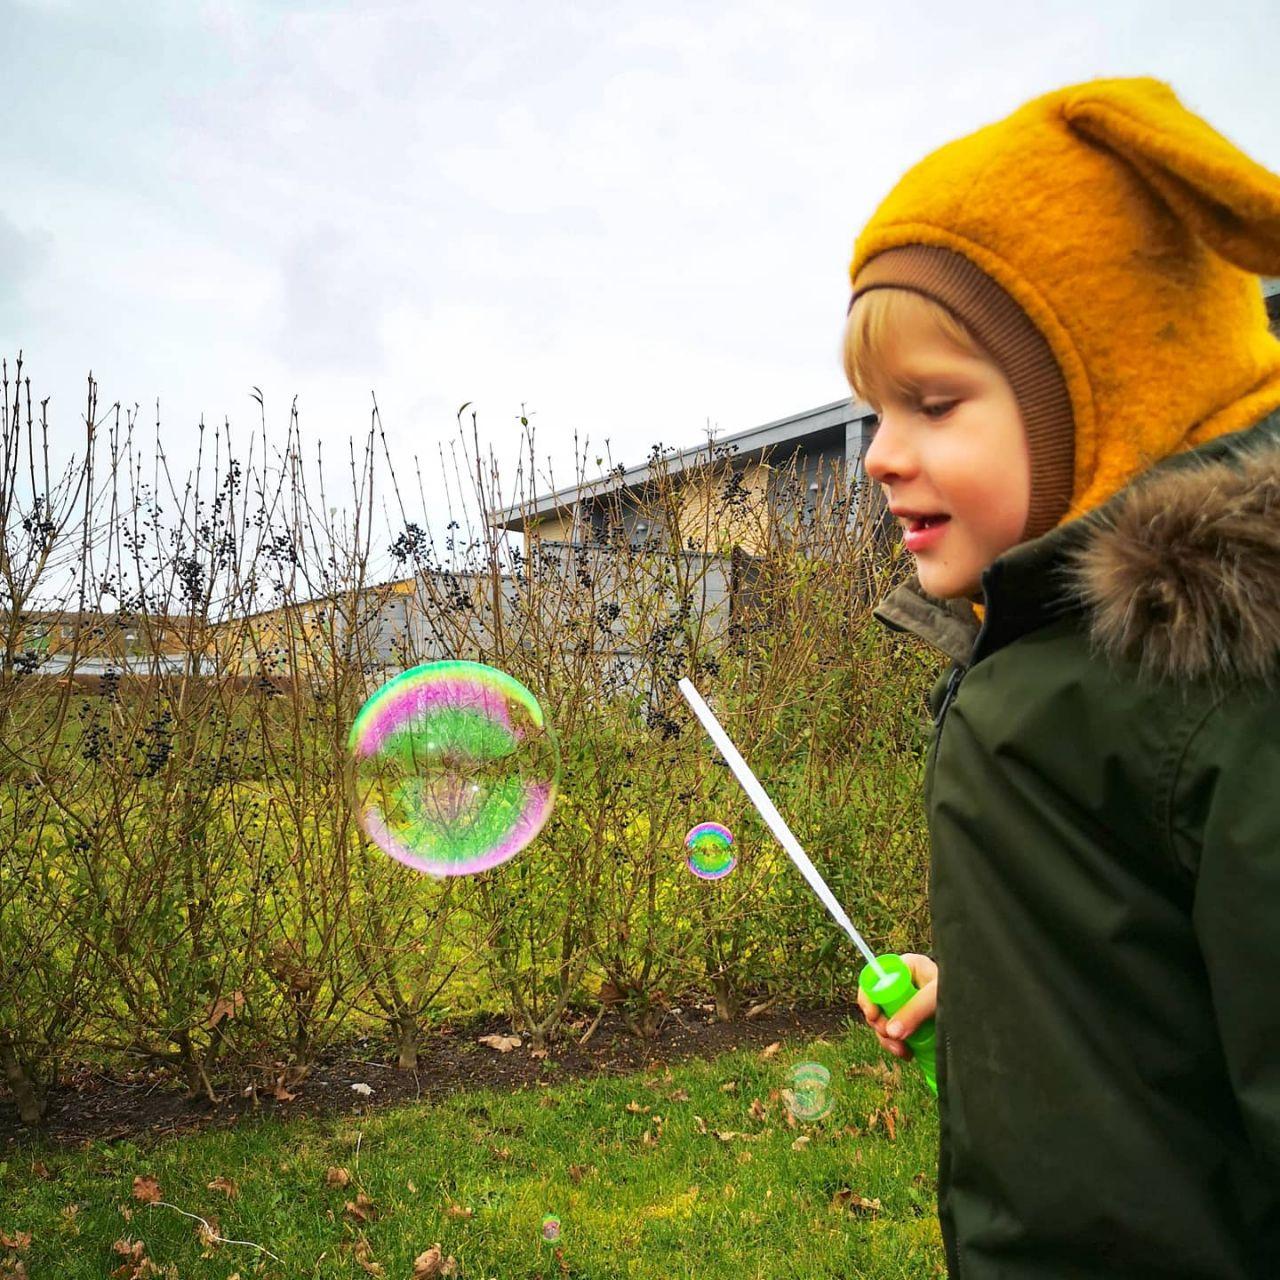 Aktiver dit barn med sæbebobler